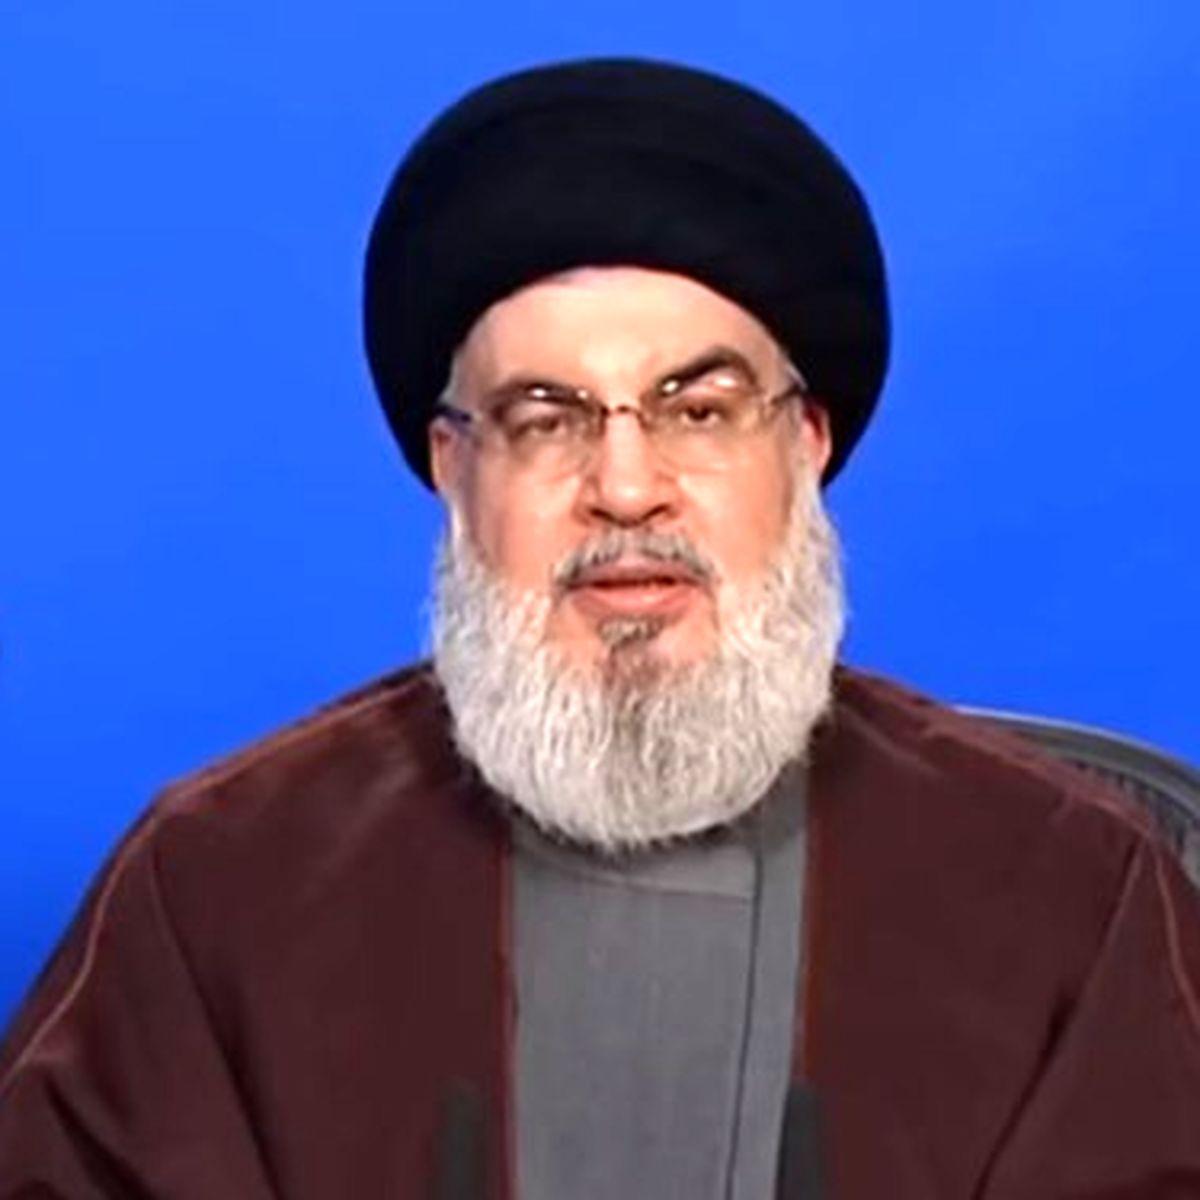 سید حسن نصرالله: ایران از مرحله خطر عبور کرده است